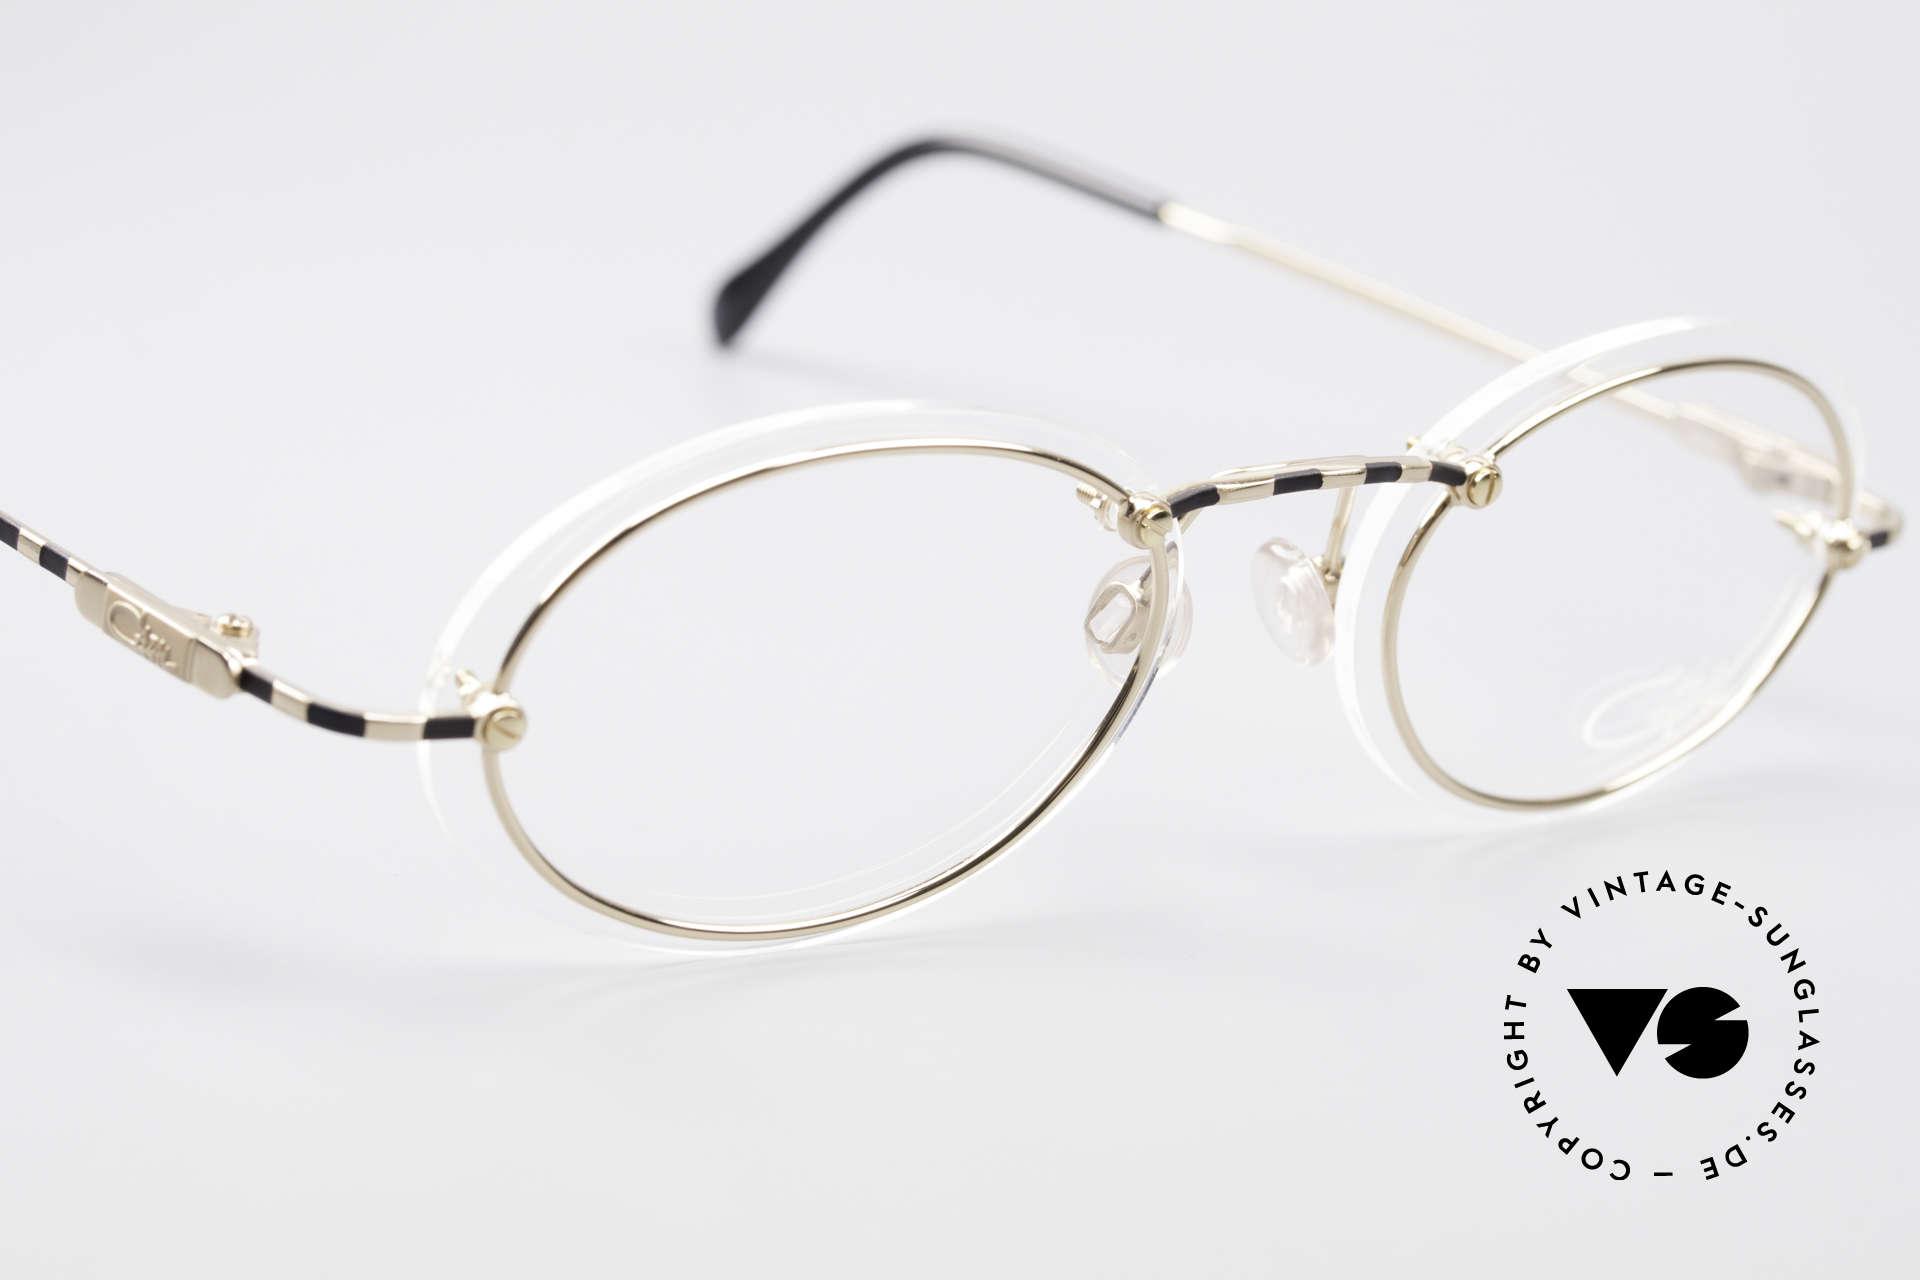 Cazal 770 90er Vintagebrille No Retro, KEINE Retrobrille, sondern ein echtes 90er ORIGINAL, Passend für Herren und Damen